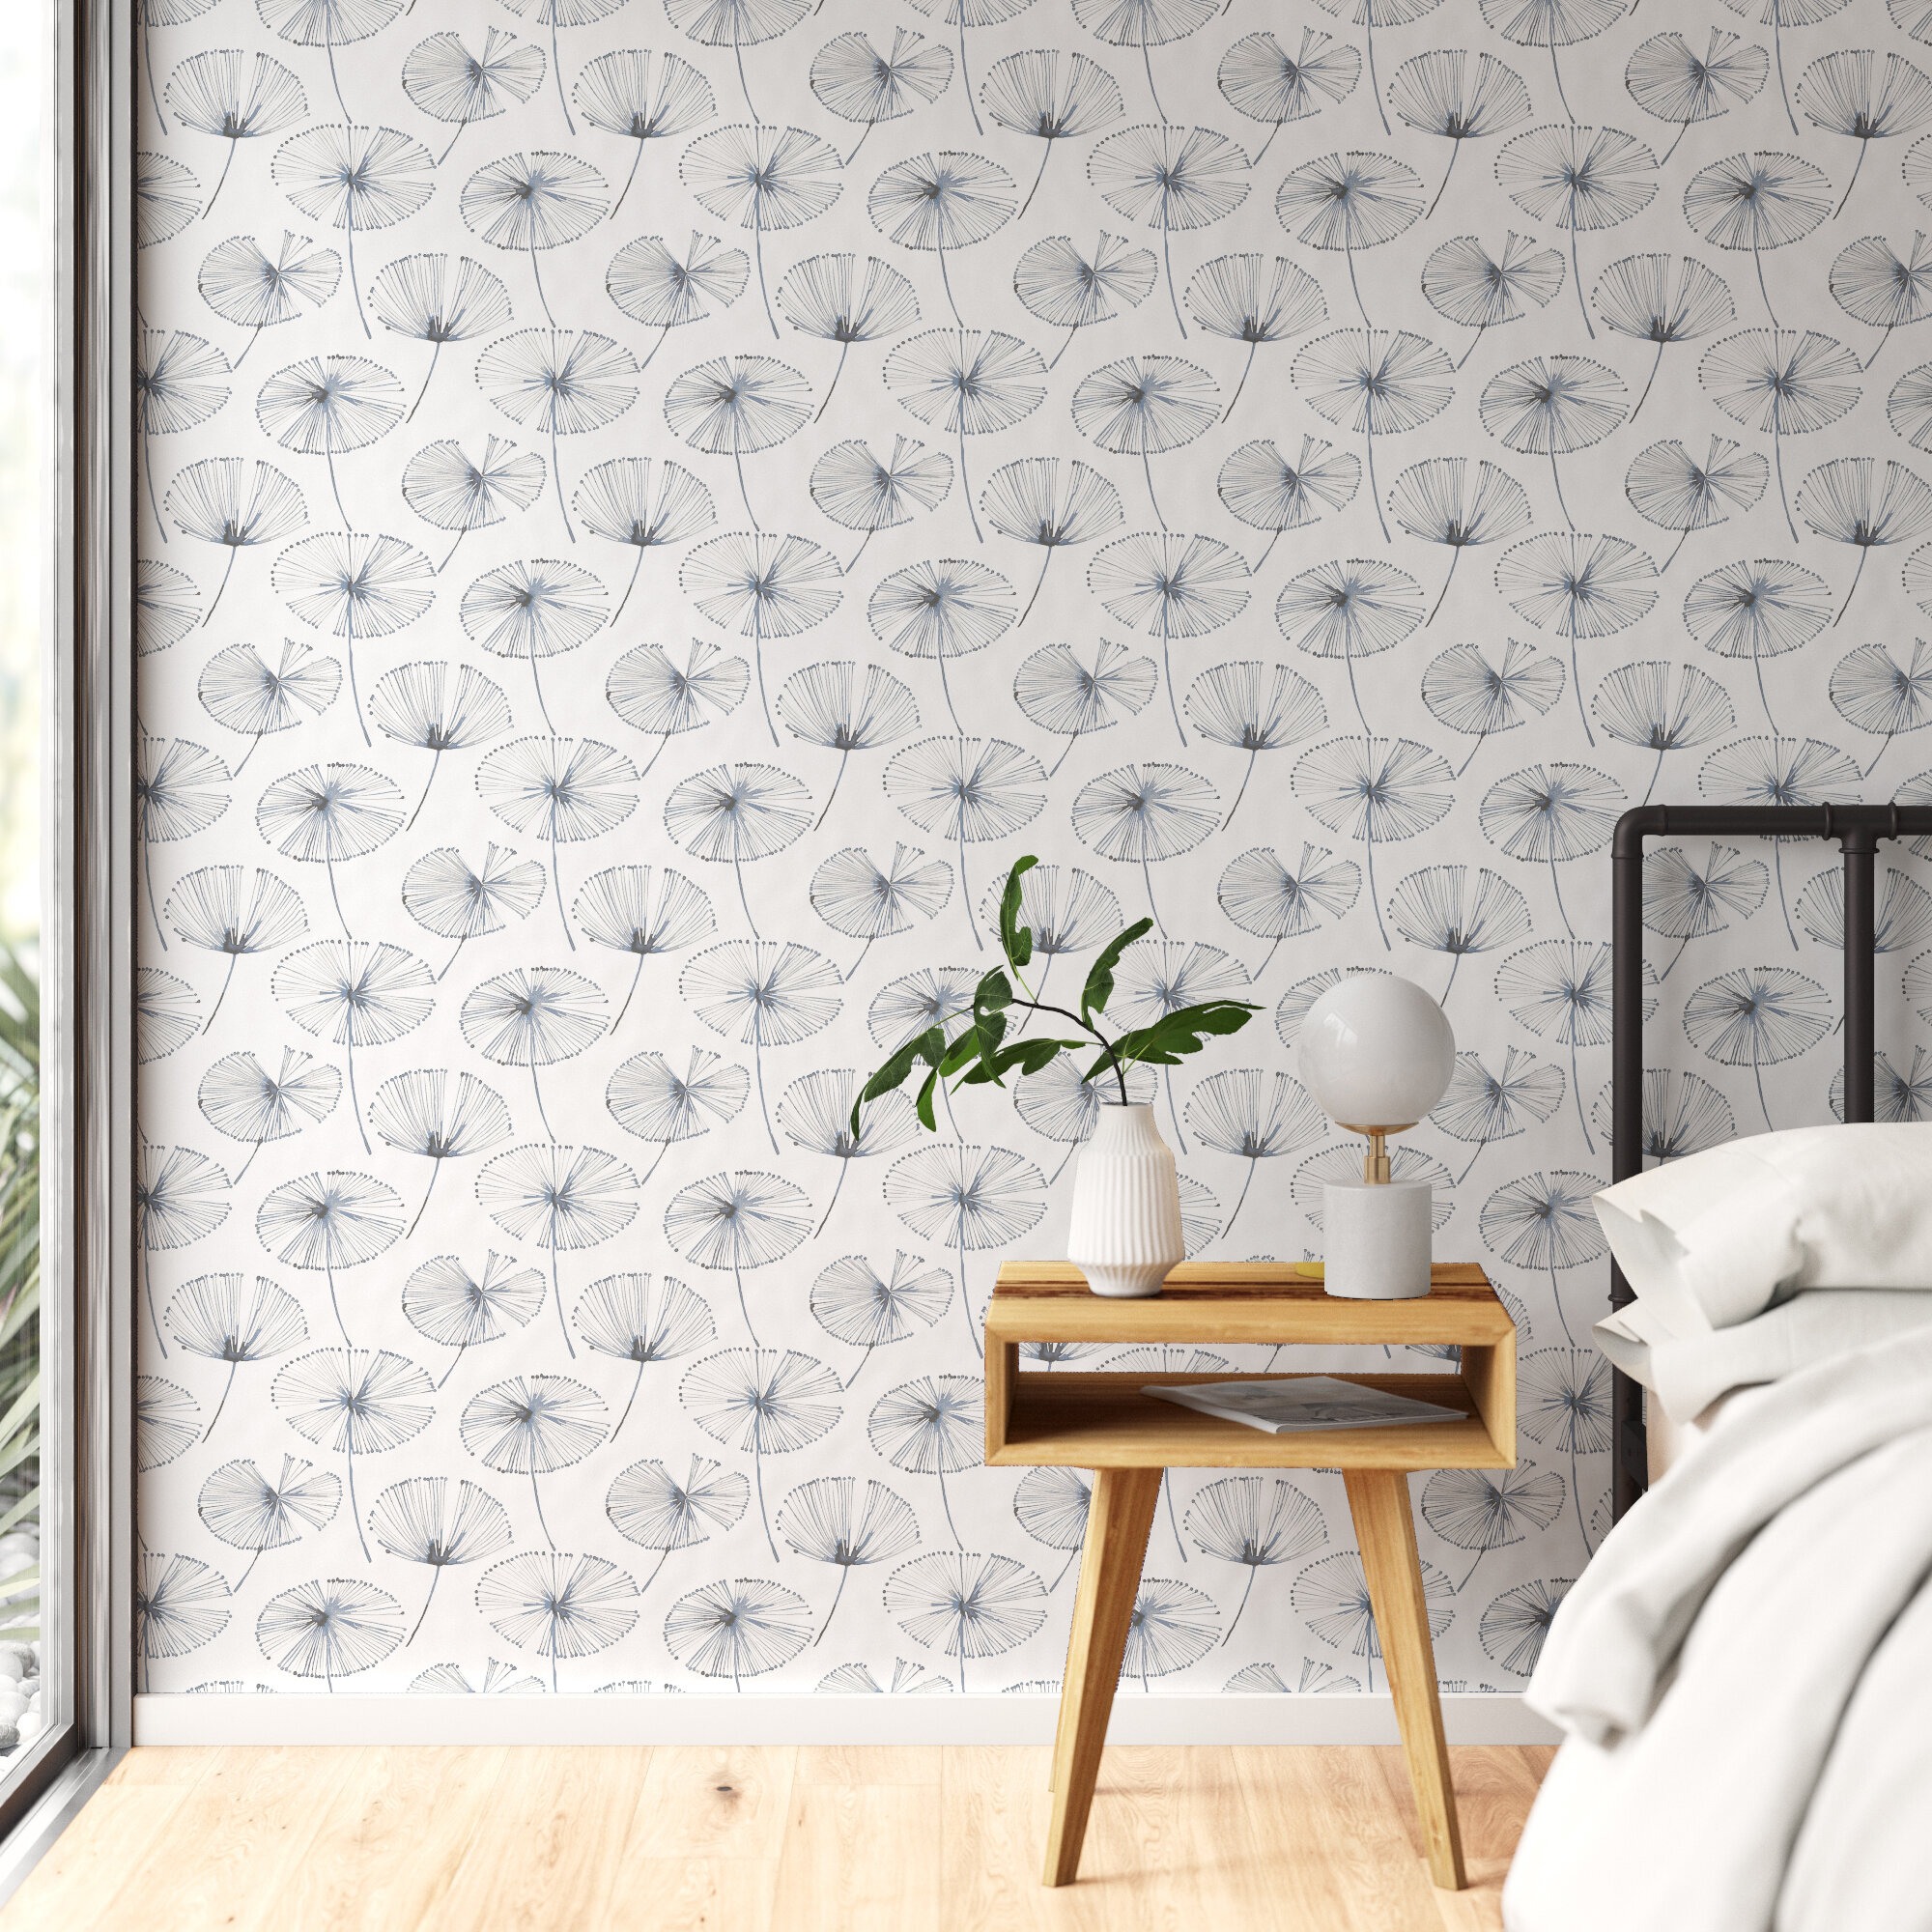 acevedo 18 l x 20 5 w peel and stick wallpaper roll reviews allmodern acevedo 18 l x 20 5 w peel and stick wallpaper roll